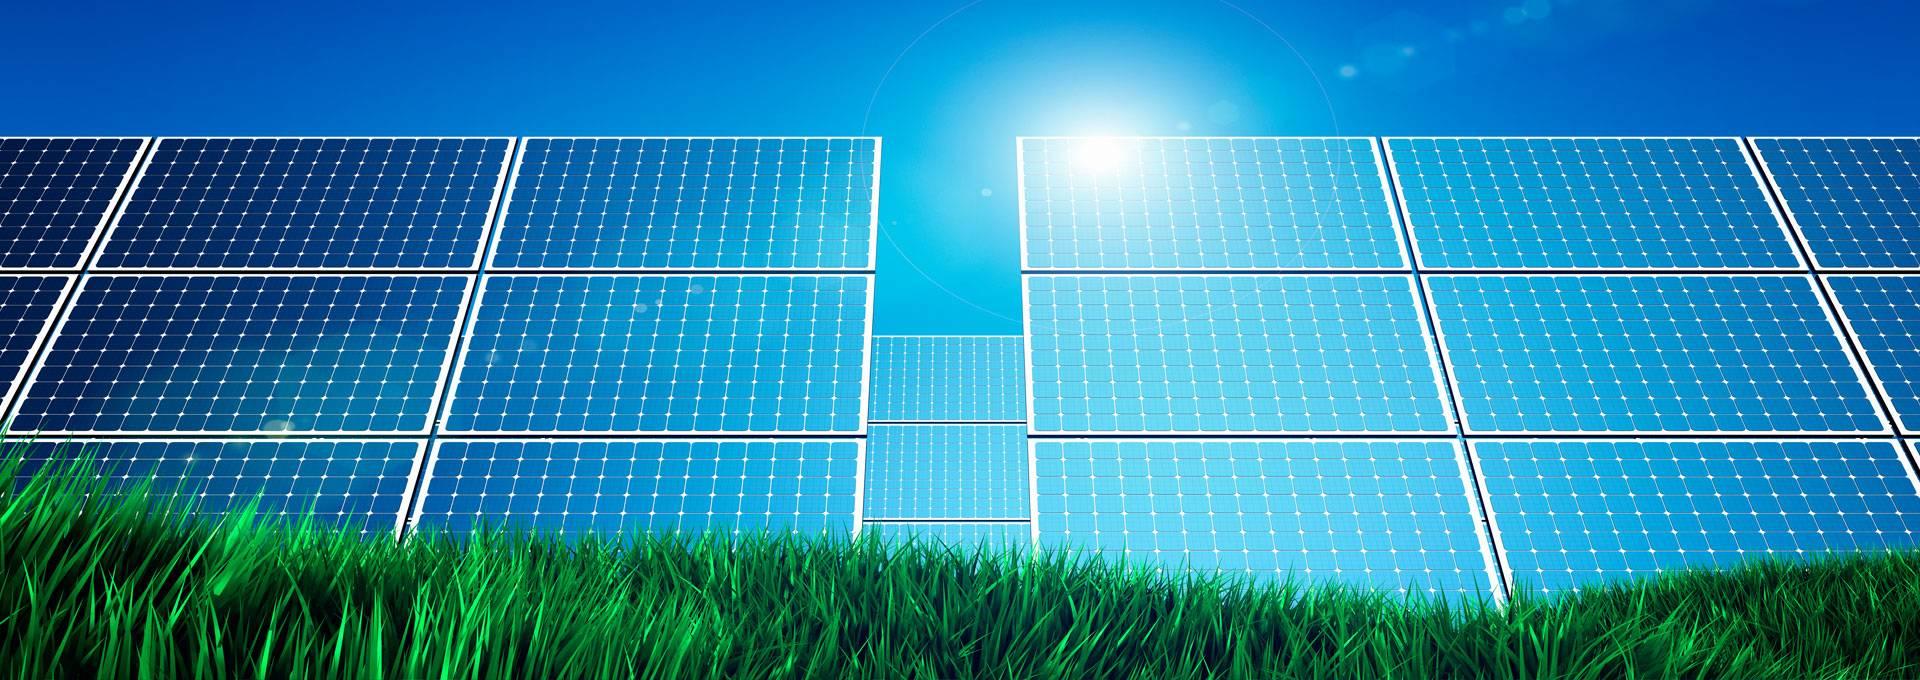 fotovoltaicoslide1